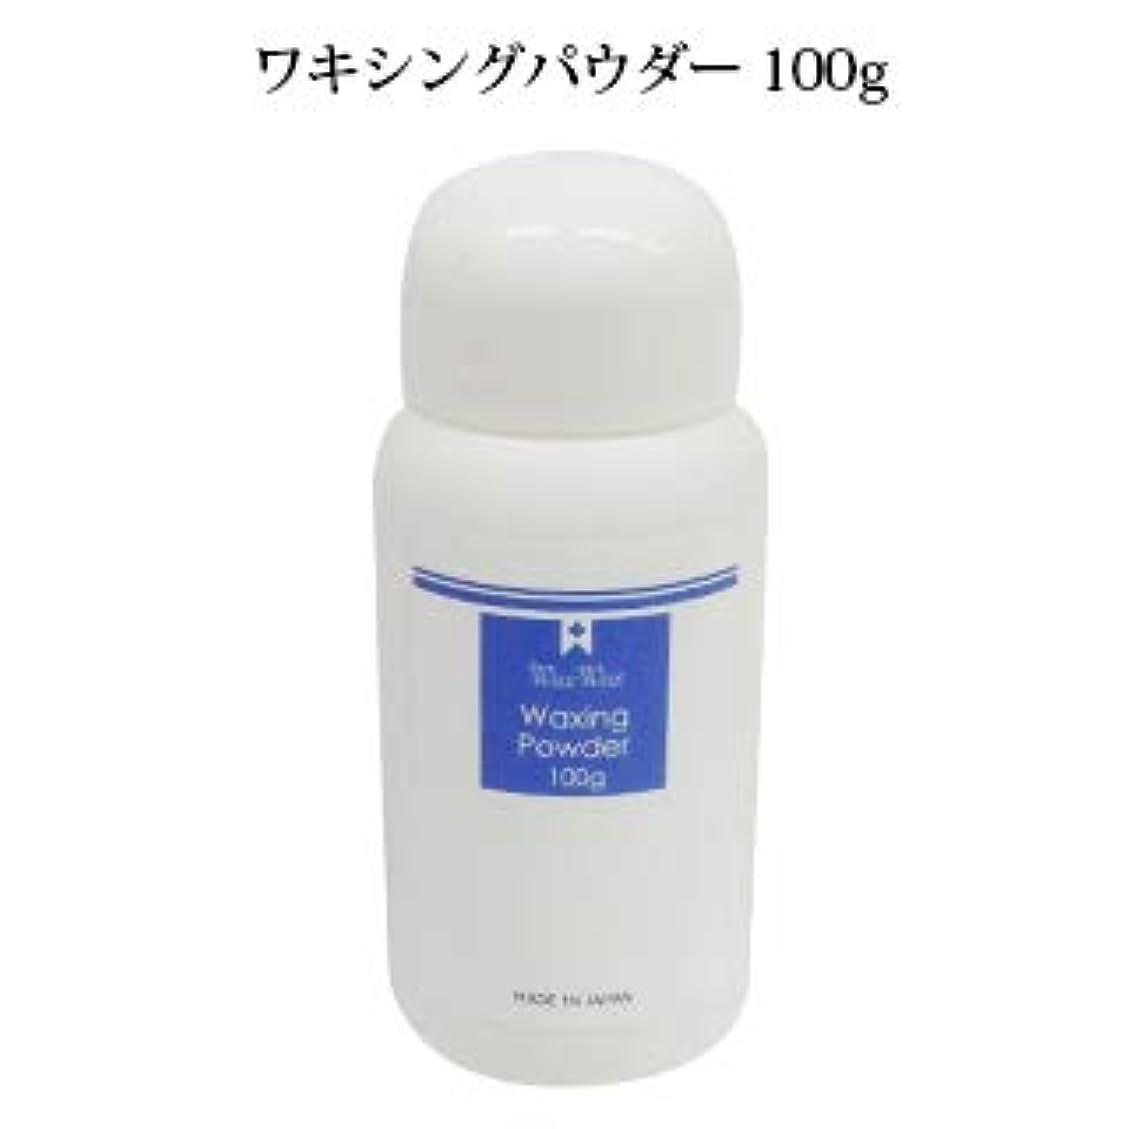 中毒ライブ周術期WaxWax ワキシングパウダー 100g ~施術前処理~